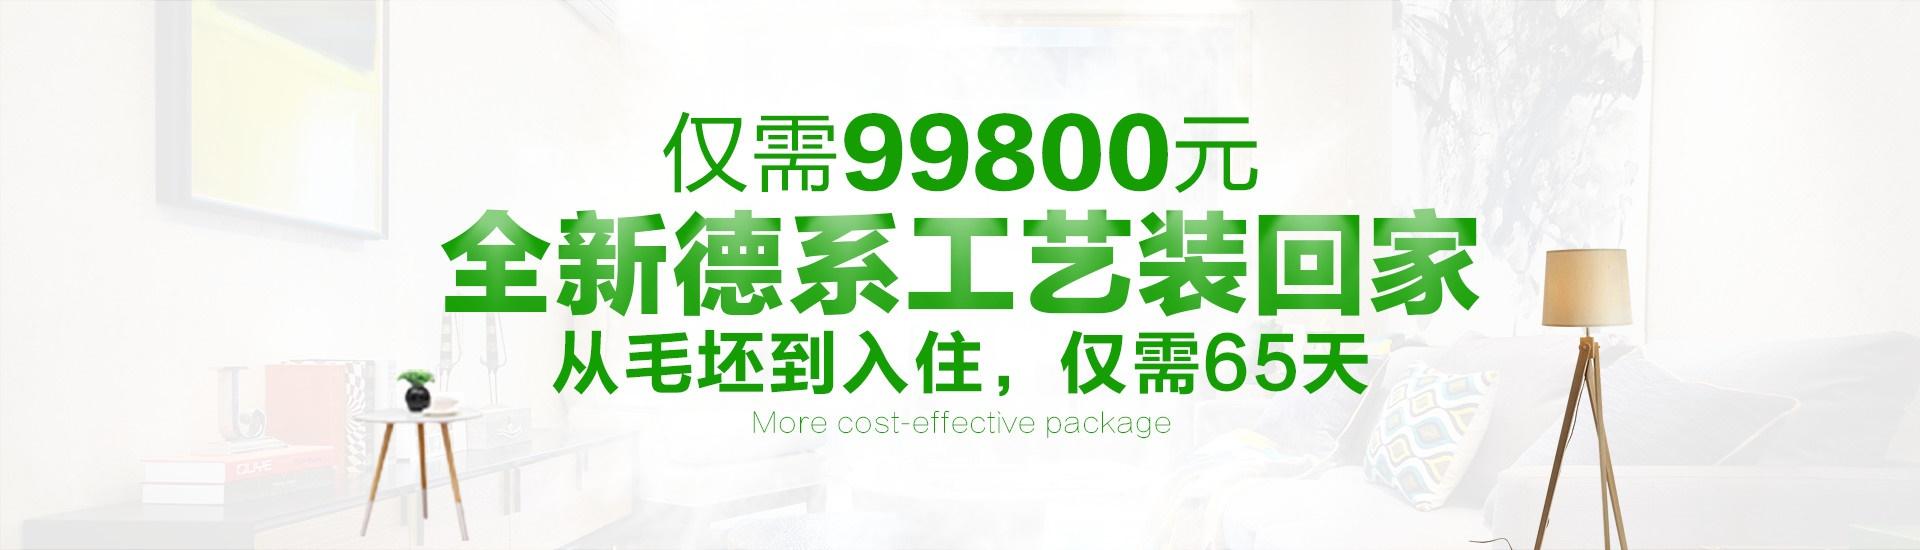 99800整装